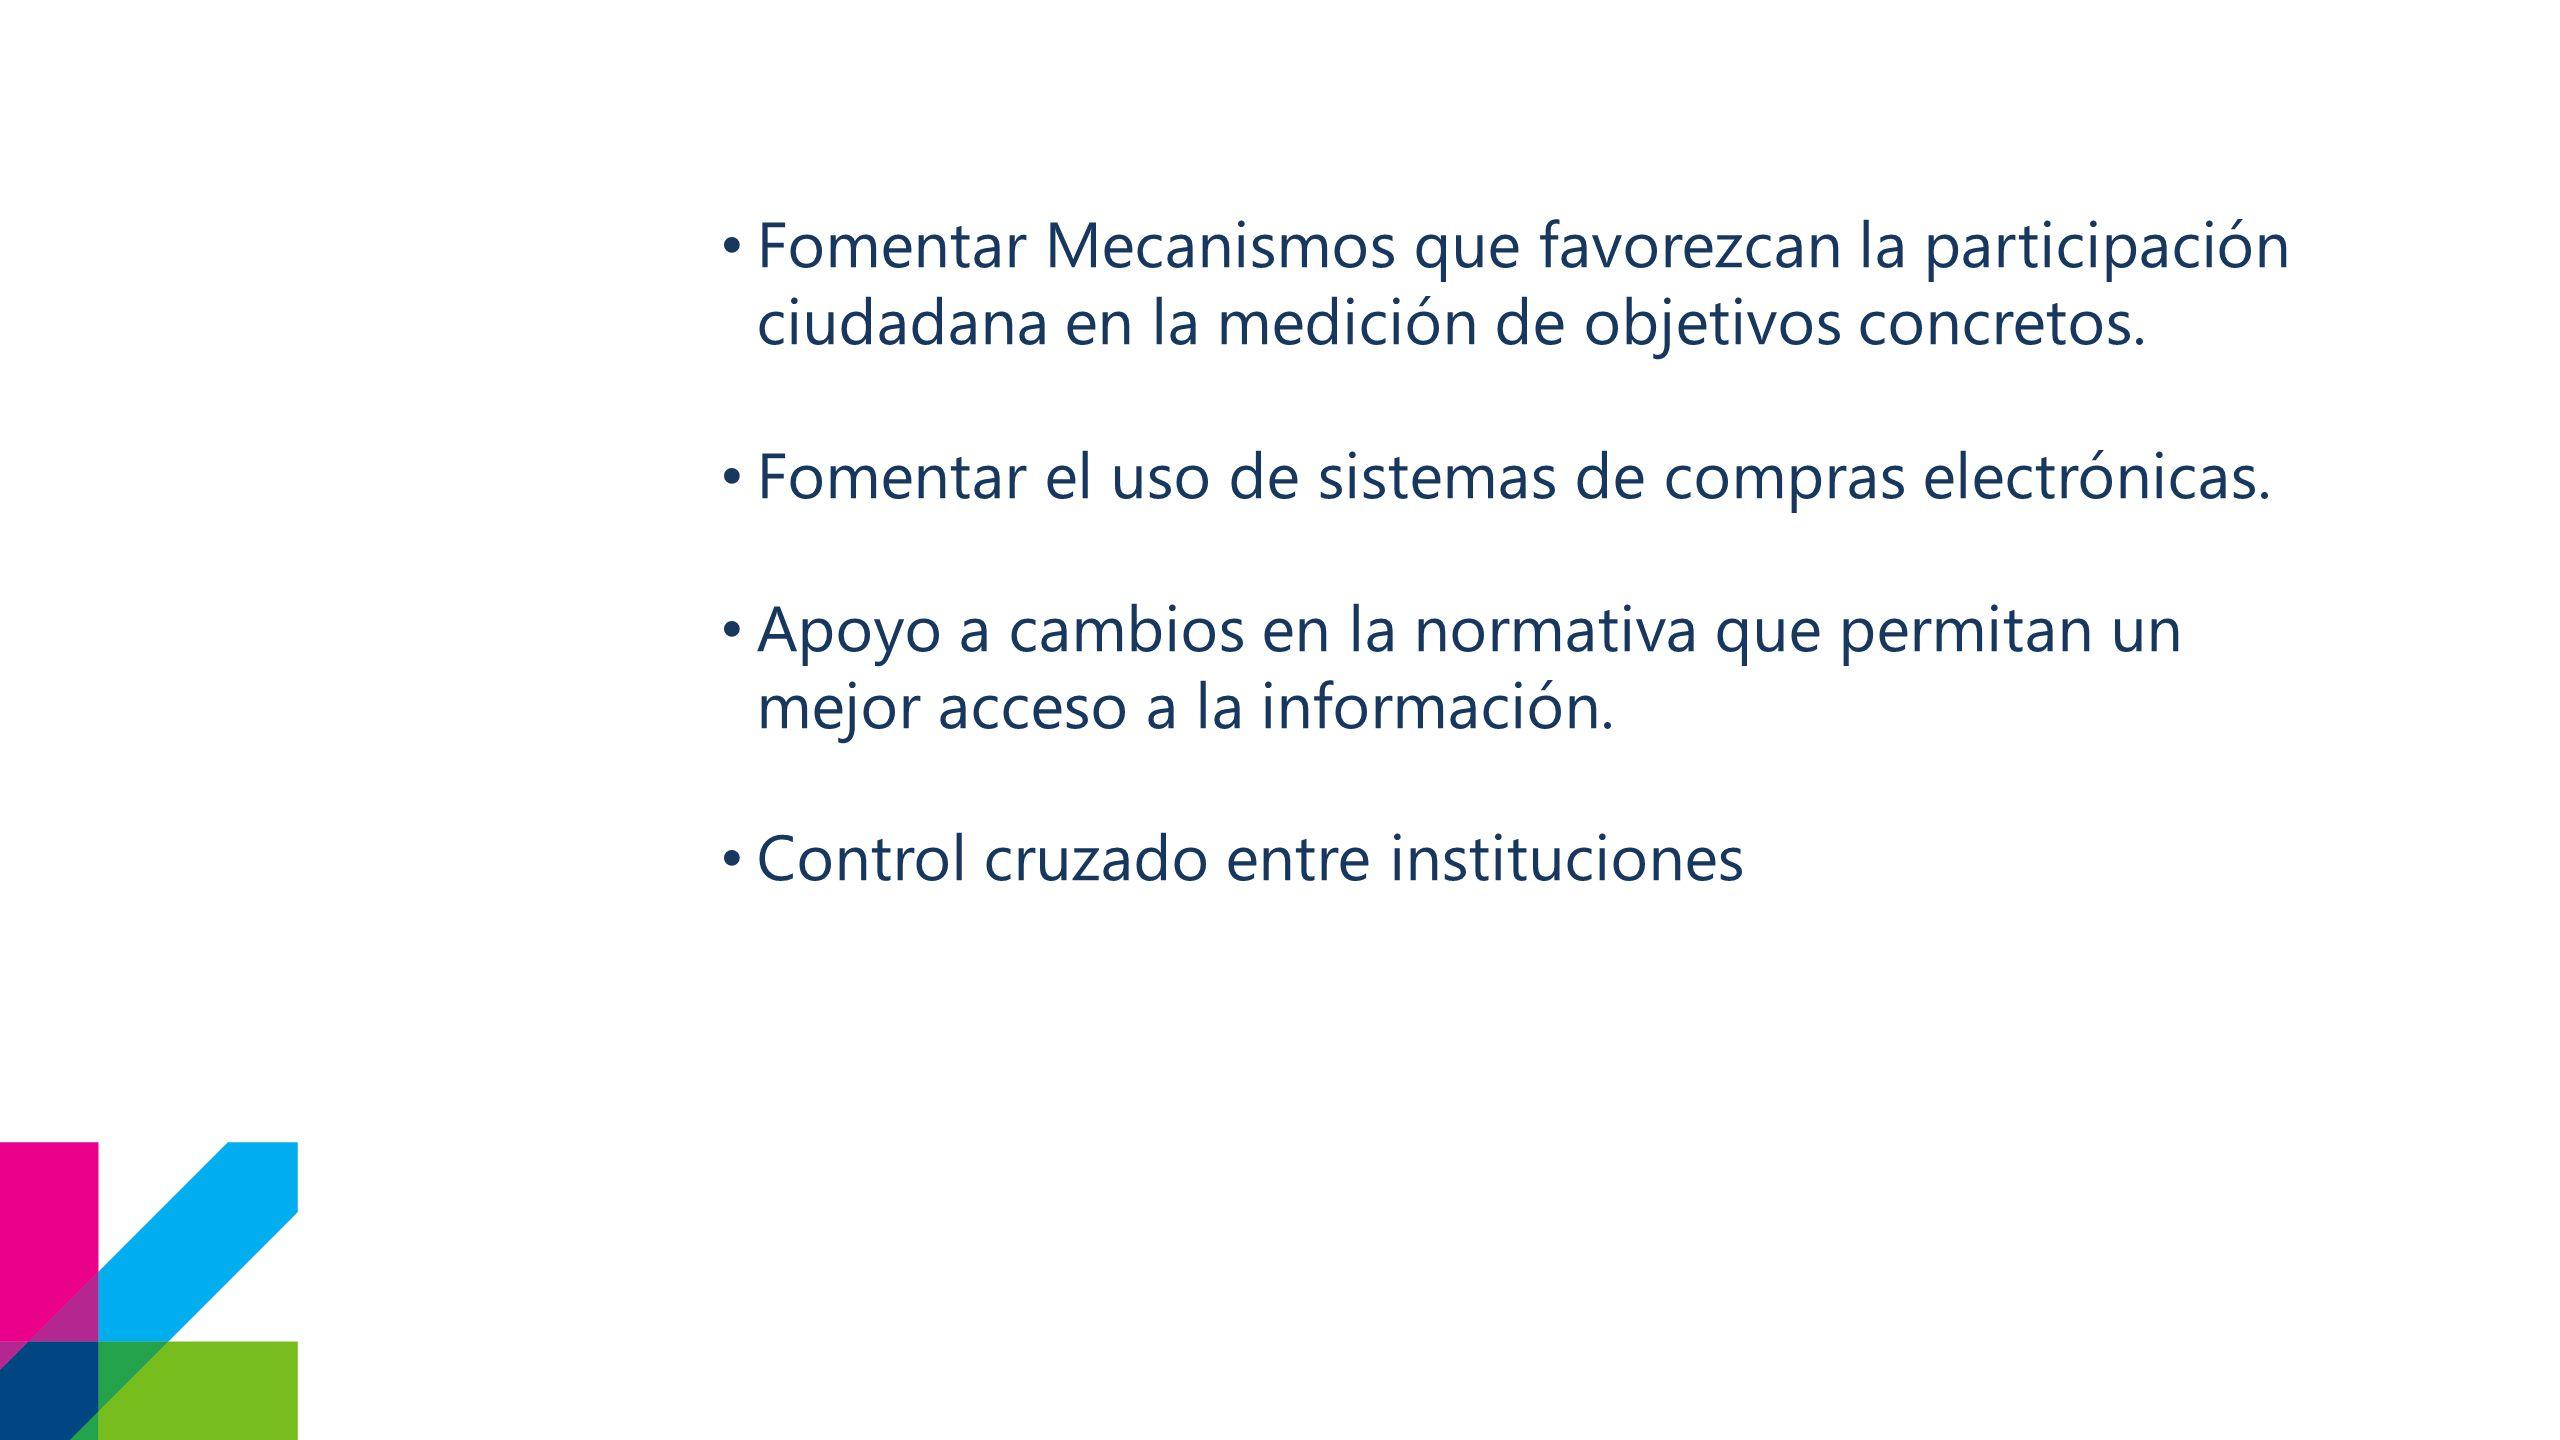 Fomentar Mecanismos que favorezcan la participación ciudadana en la medición de objetivos concretos.